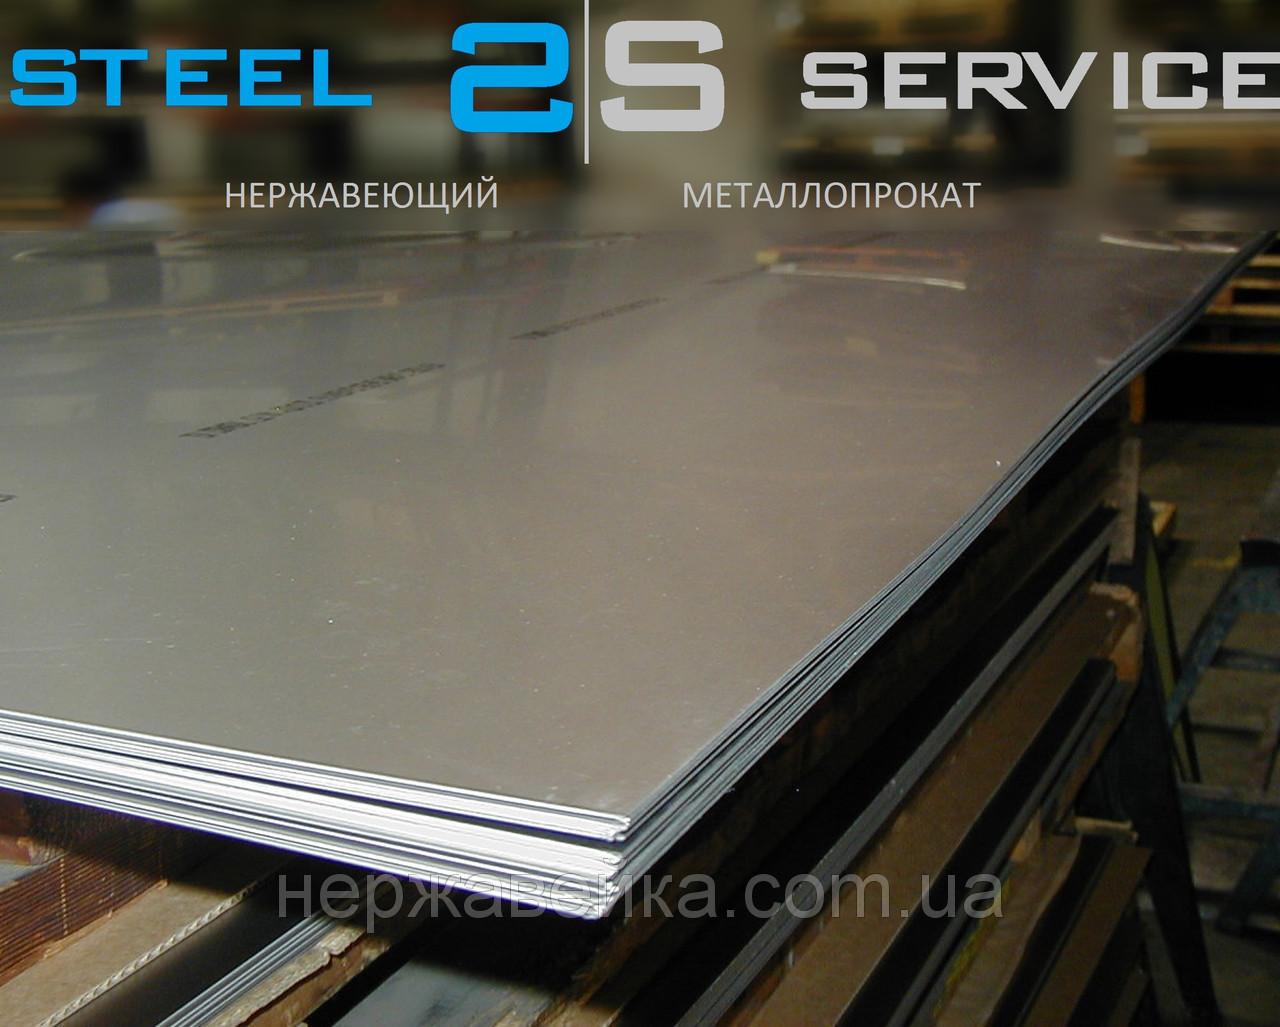 Нержавеющий лист 1х1250х2500мм AISI 430(12Х17) BA - зеркало, технический